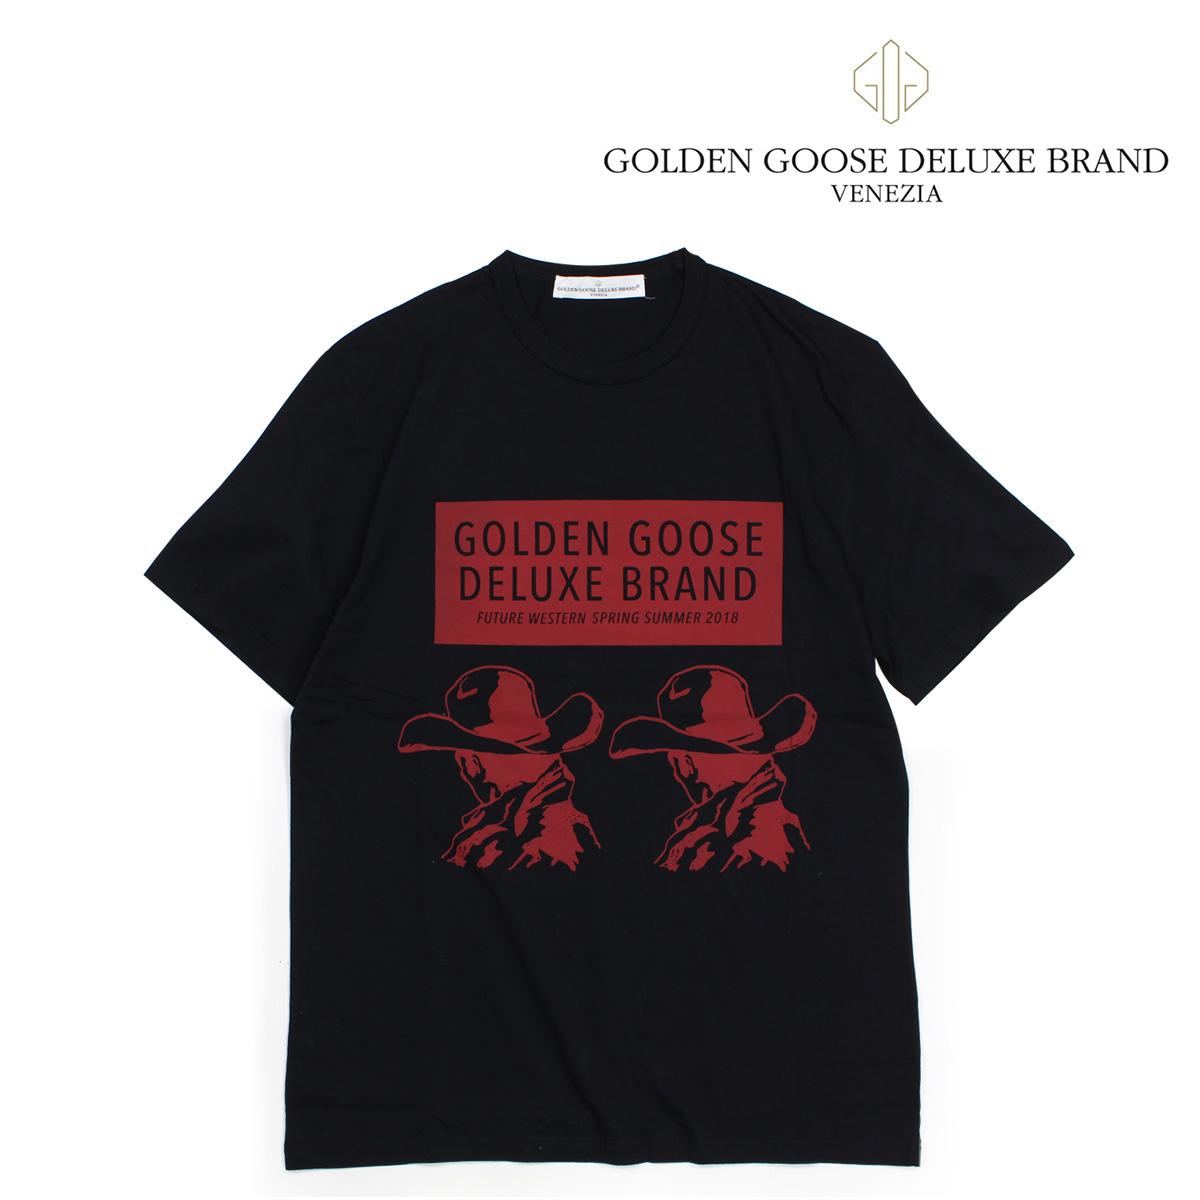 Golden Goose G32MP524A1 ゴールデングース Tシャツ メンズ 半袖 ブラック